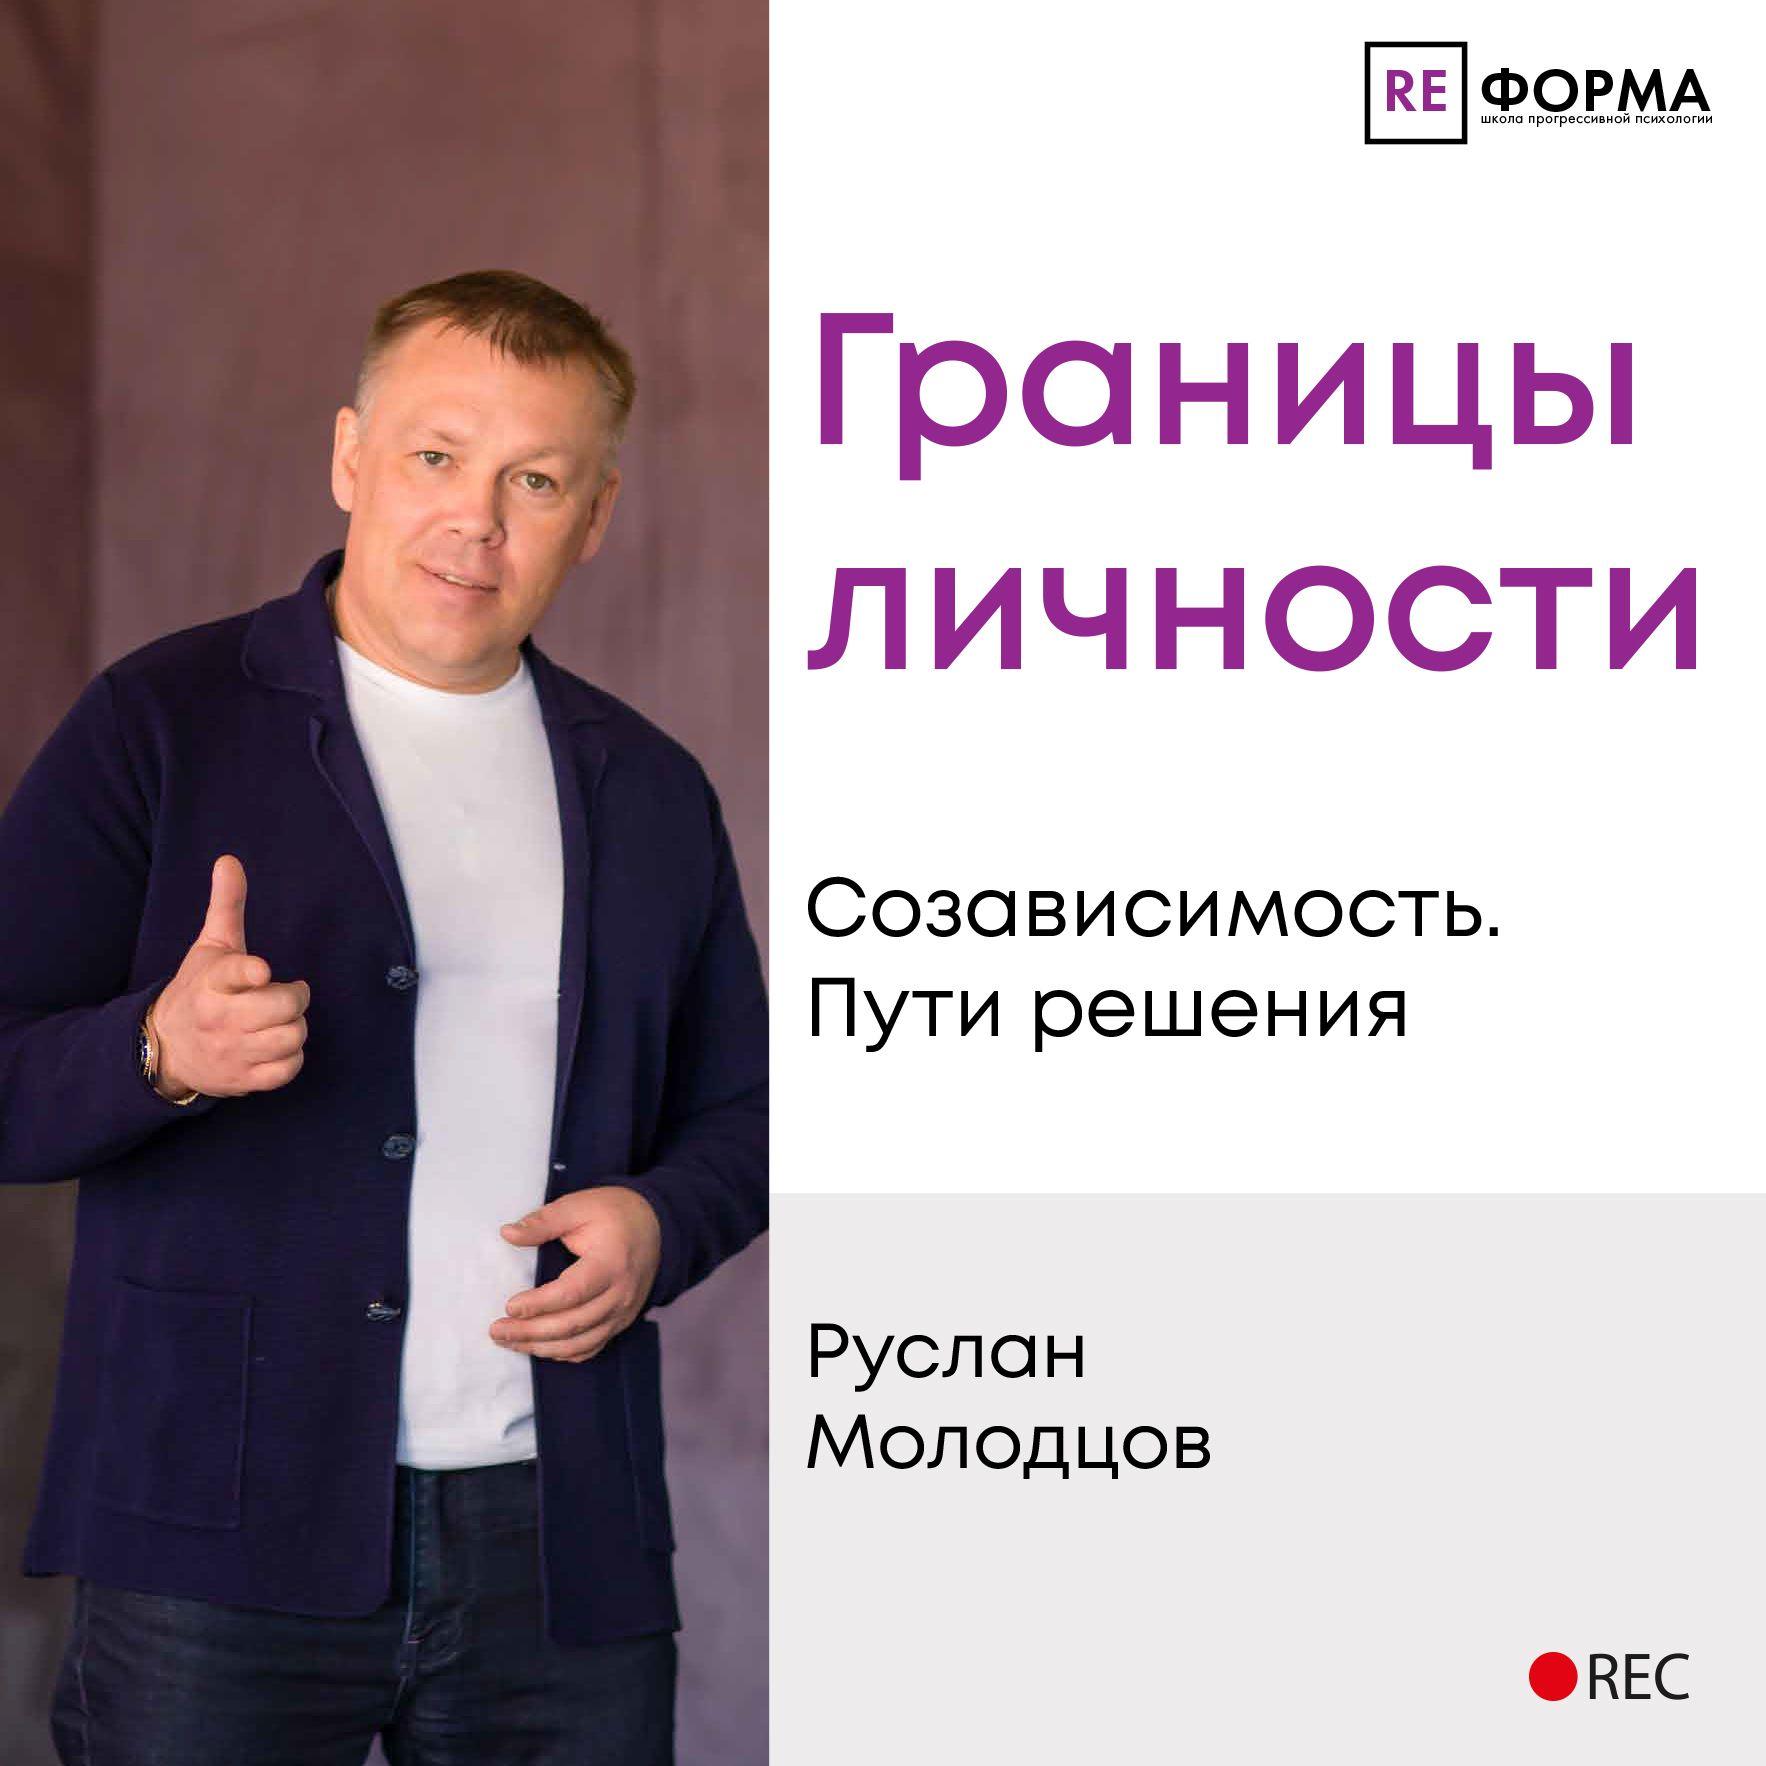 Купить книгу Границы личности, автора Руслана Молодцова